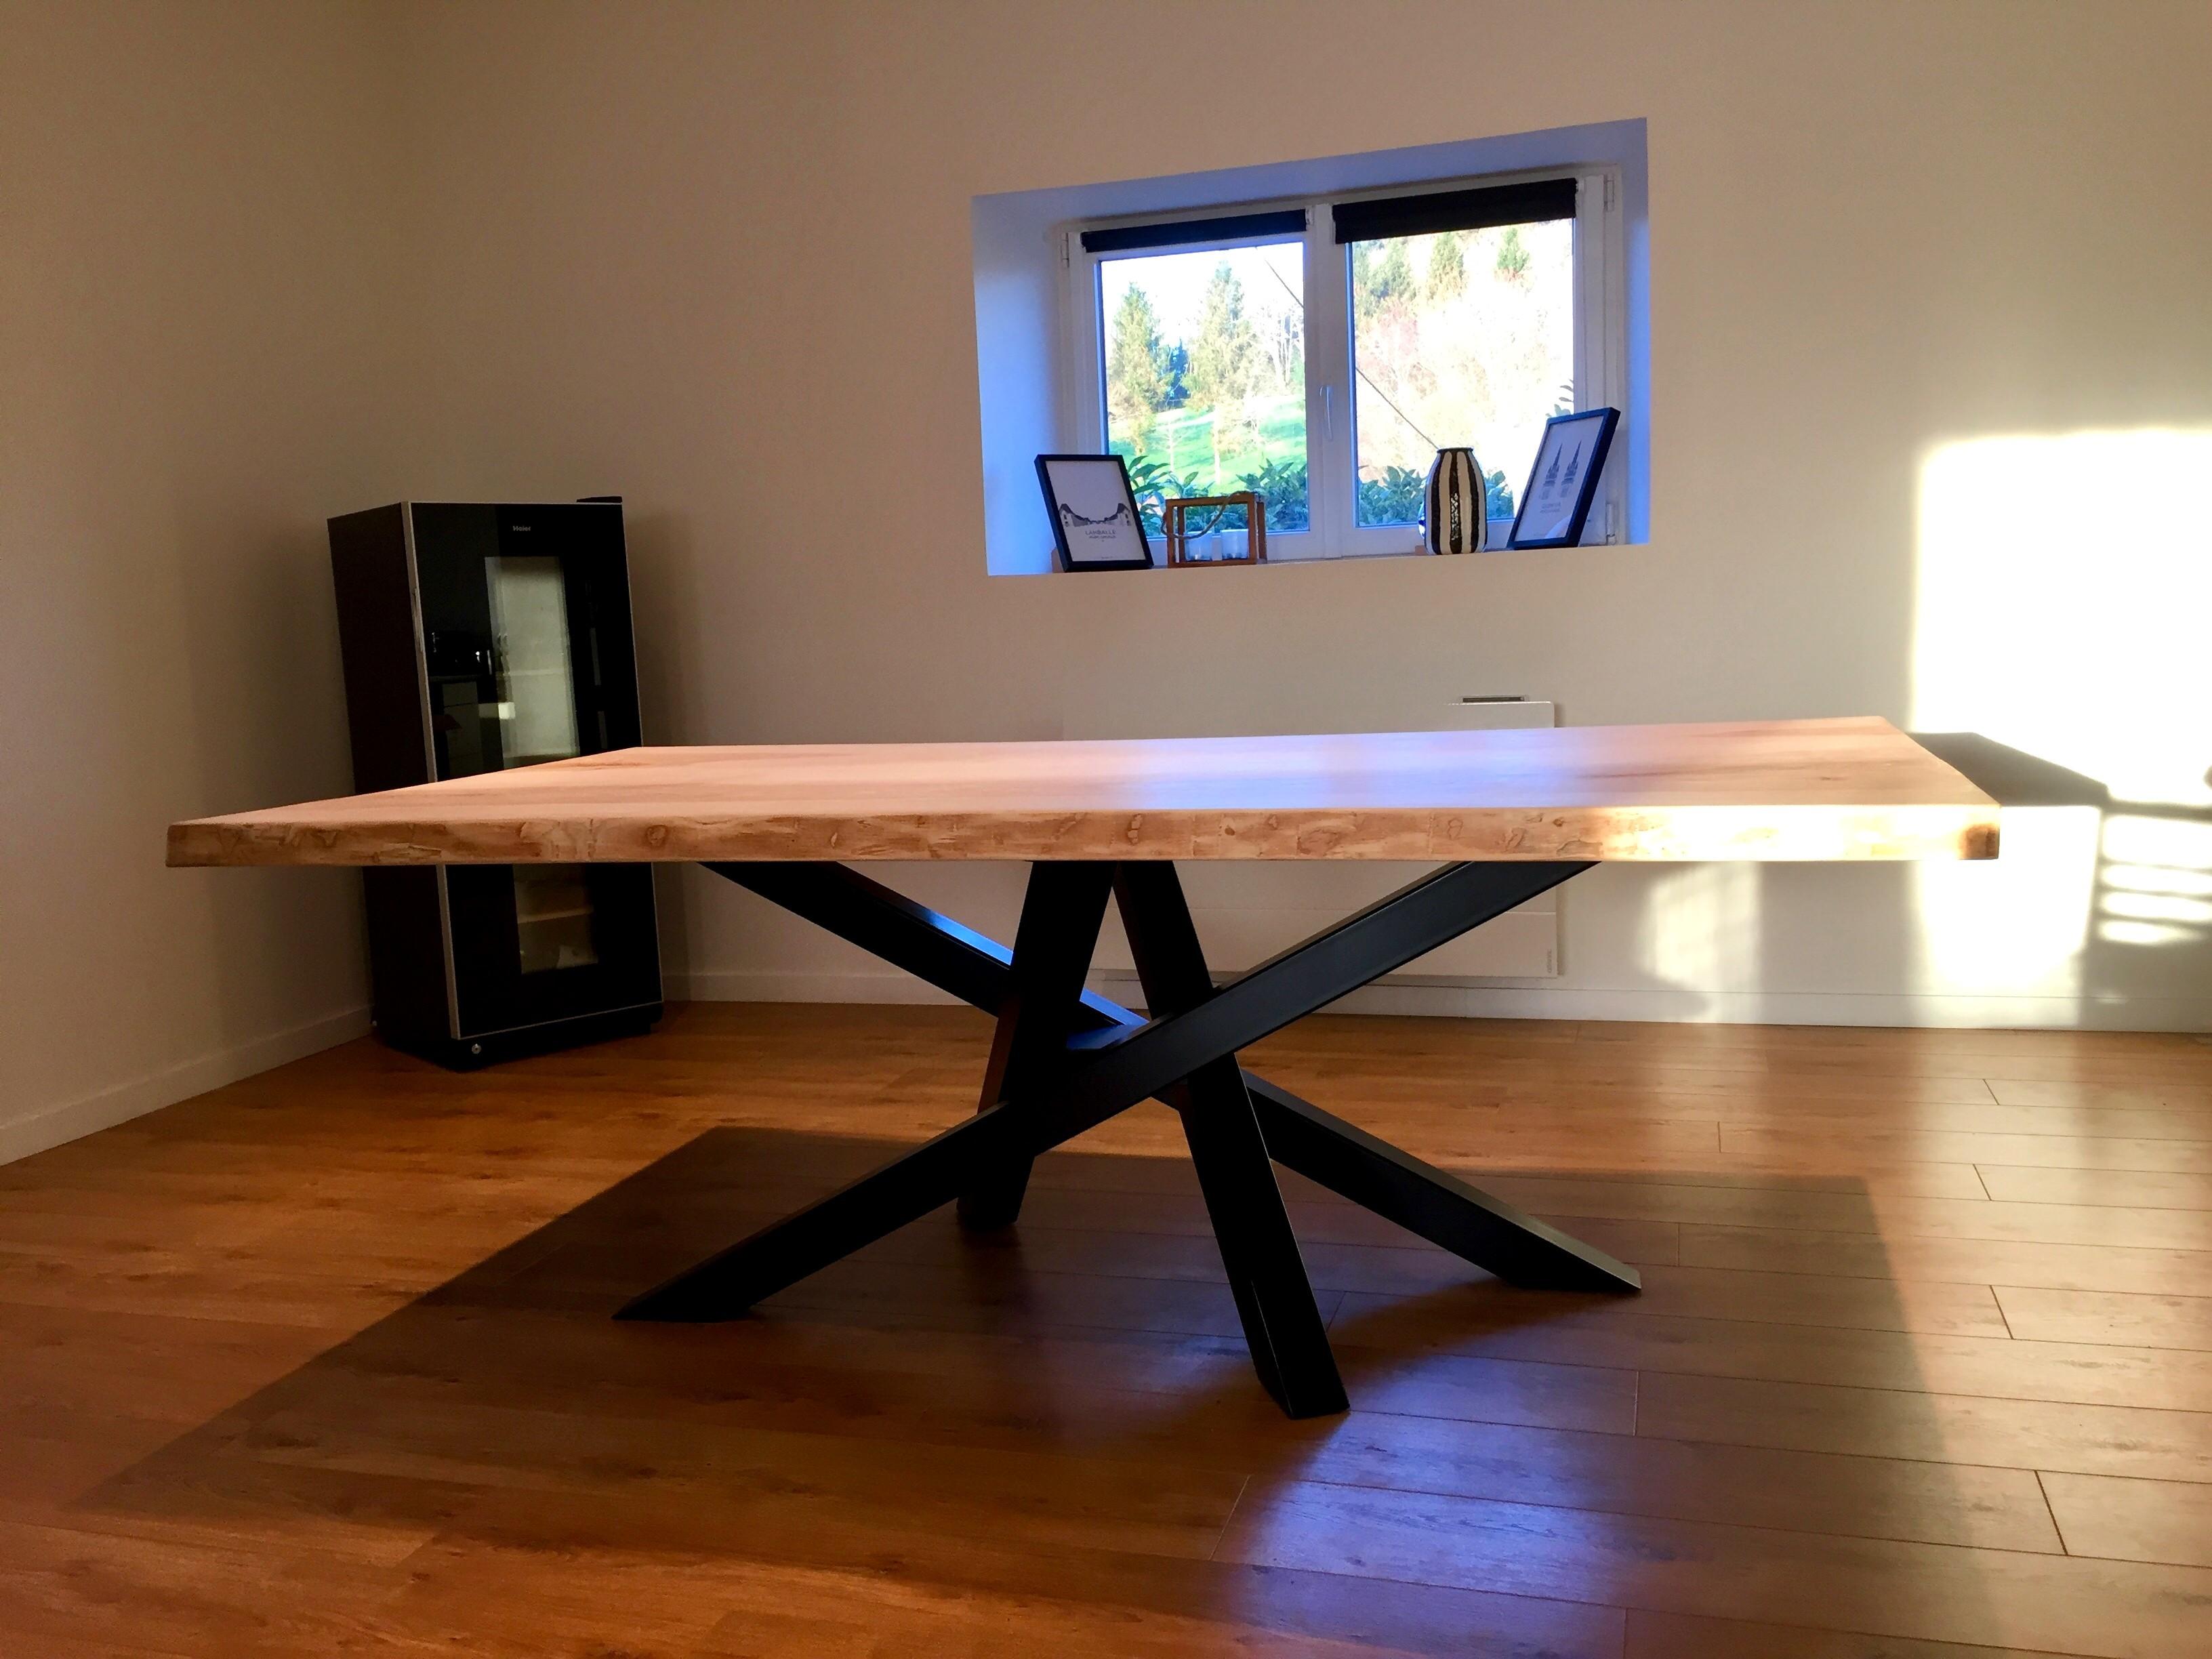 Table sur pieds métalliques